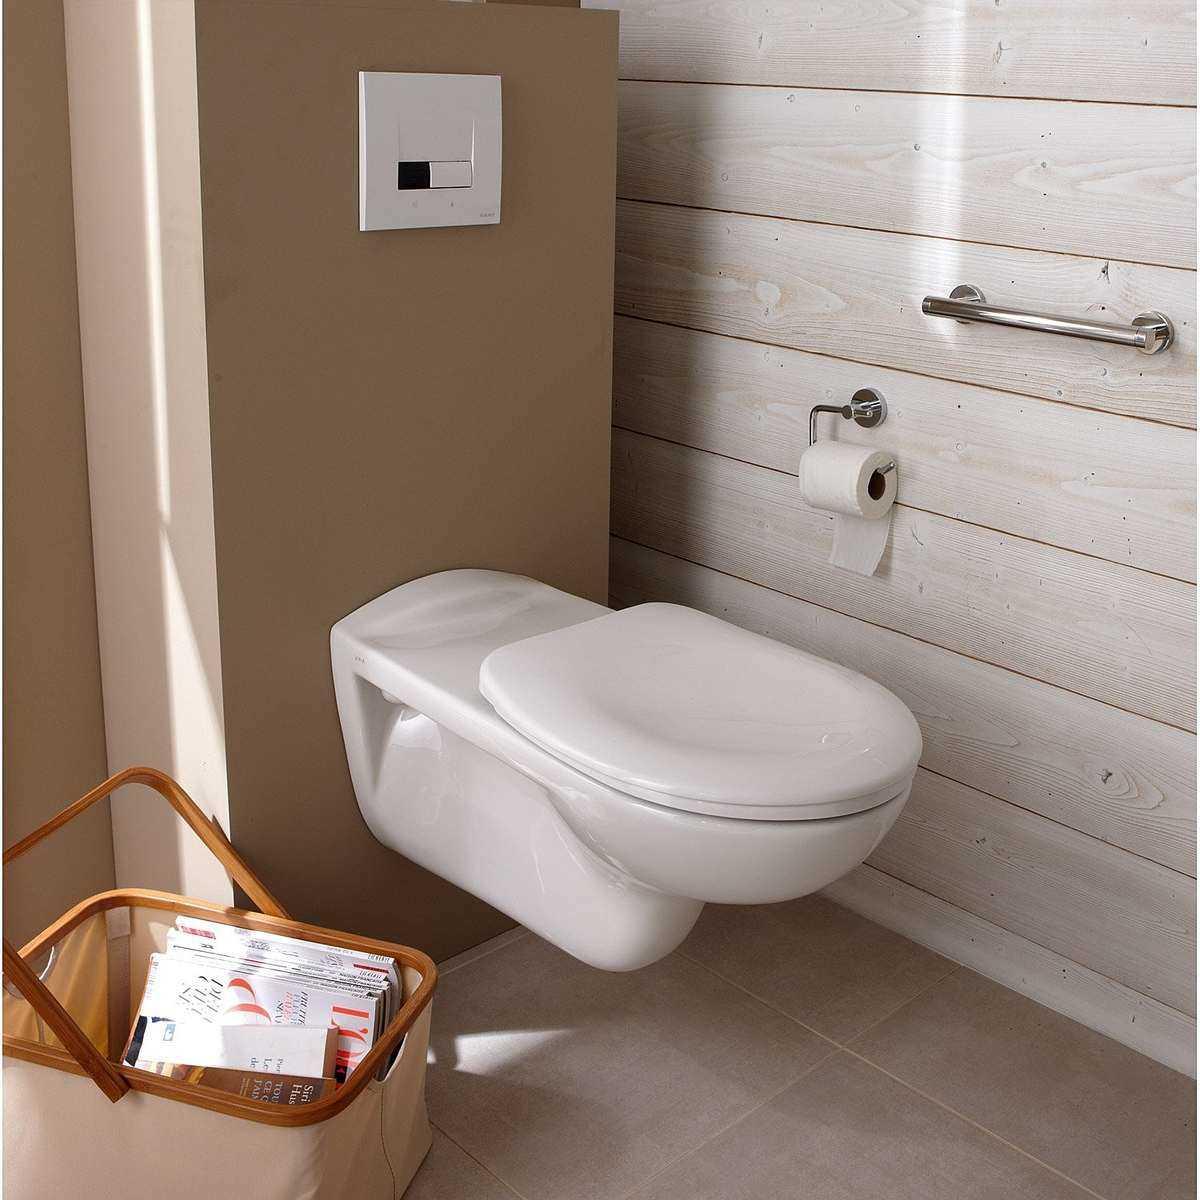 Je Veux Placer Un Wc Suspendu – Allmat encequiconcerne Toilettes Suspendus